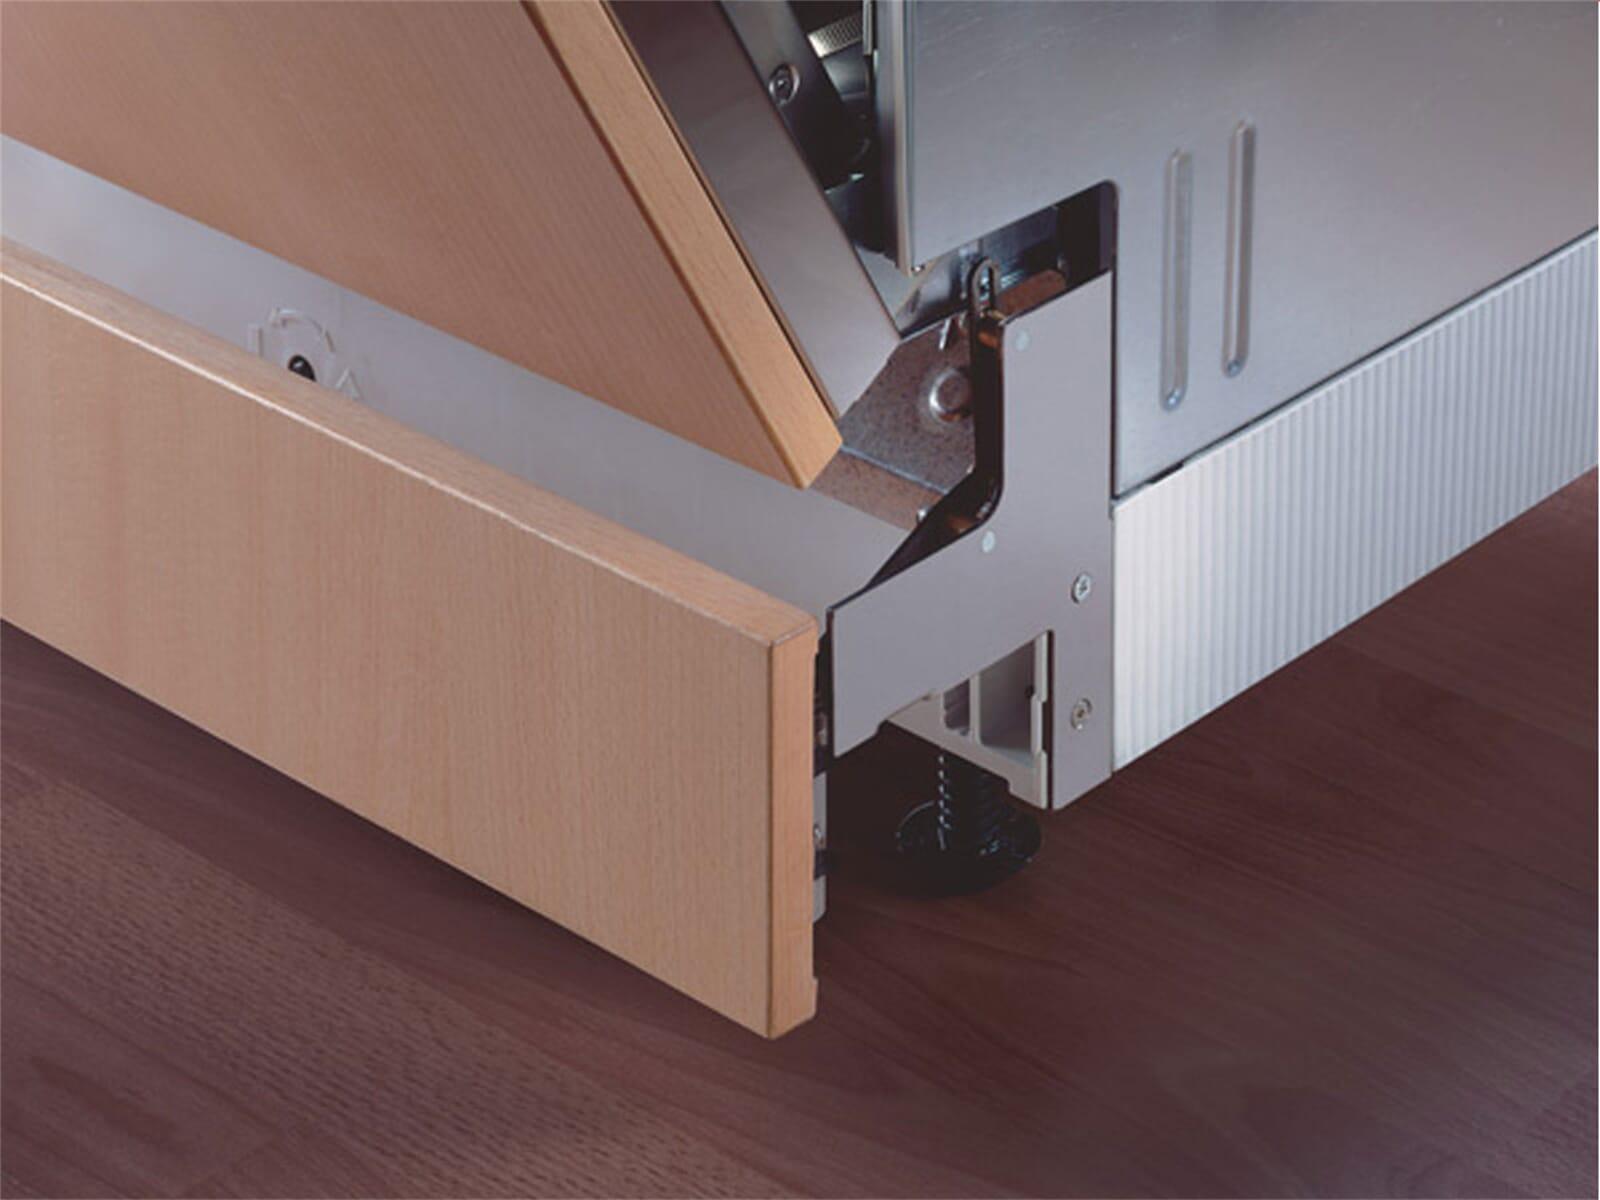 scharnier sp lmaschine front juno 911925006 t rdichtung tauschen wie hausger teforum teamhack. Black Bedroom Furniture Sets. Home Design Ideas